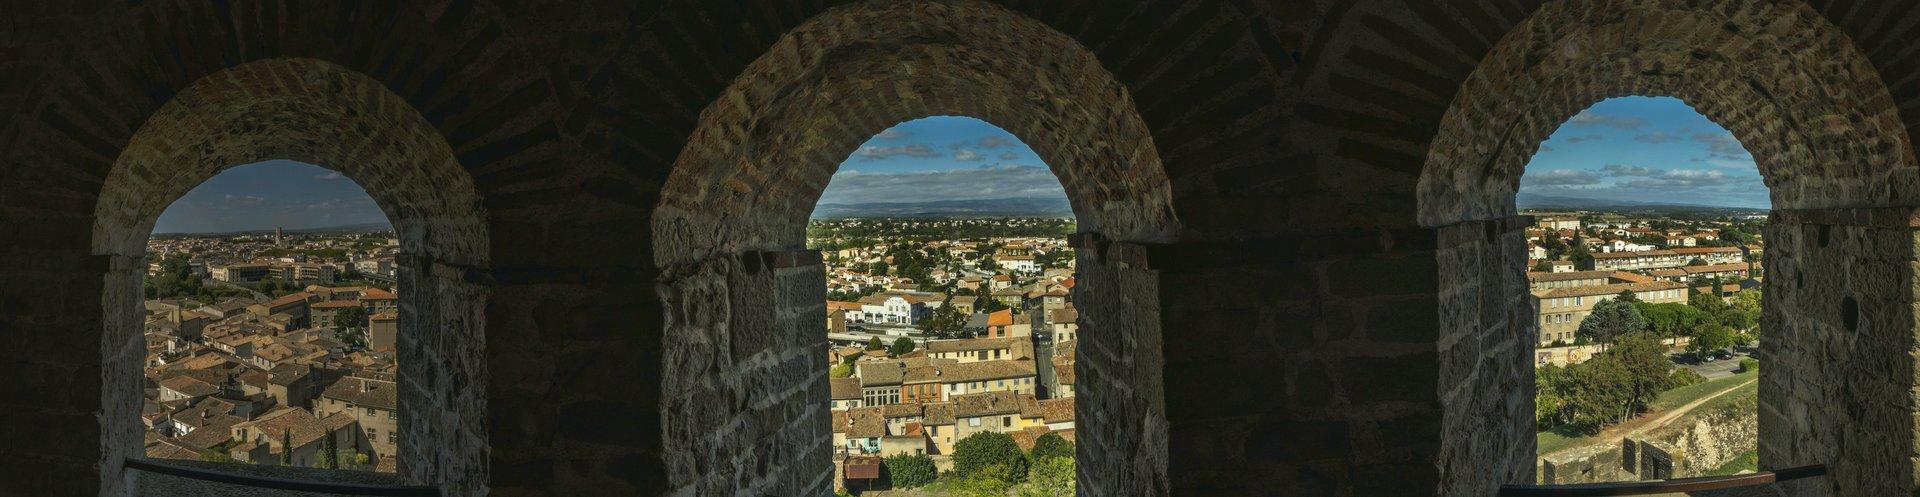 Blick aus dem nördlichsten Turm der inneren Stadtmauer der Cité Carcassonne